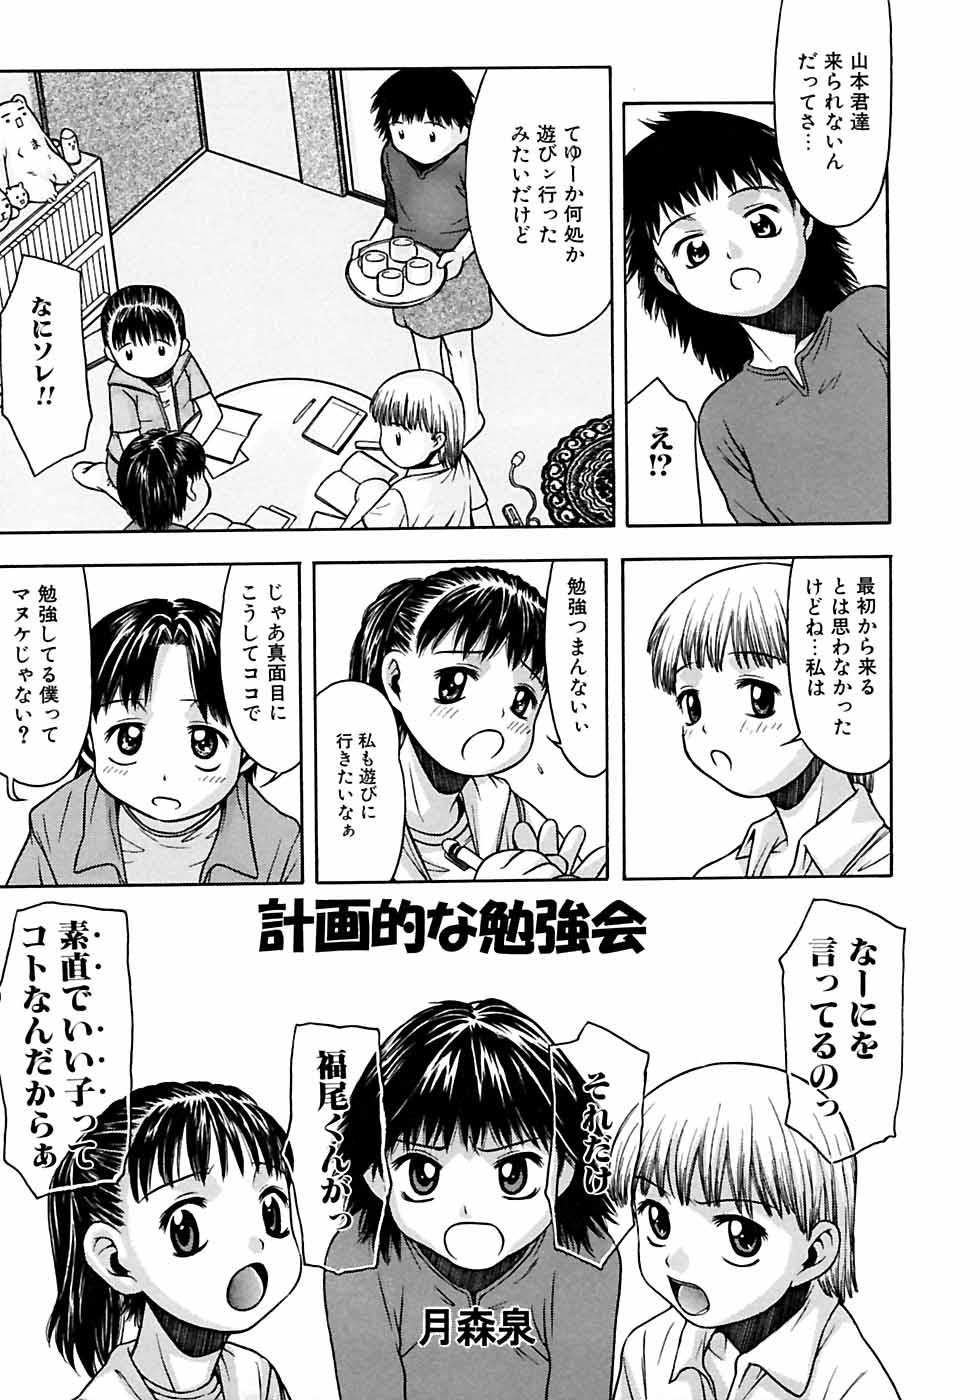 Ikenai Shounen Yuugi 2 22